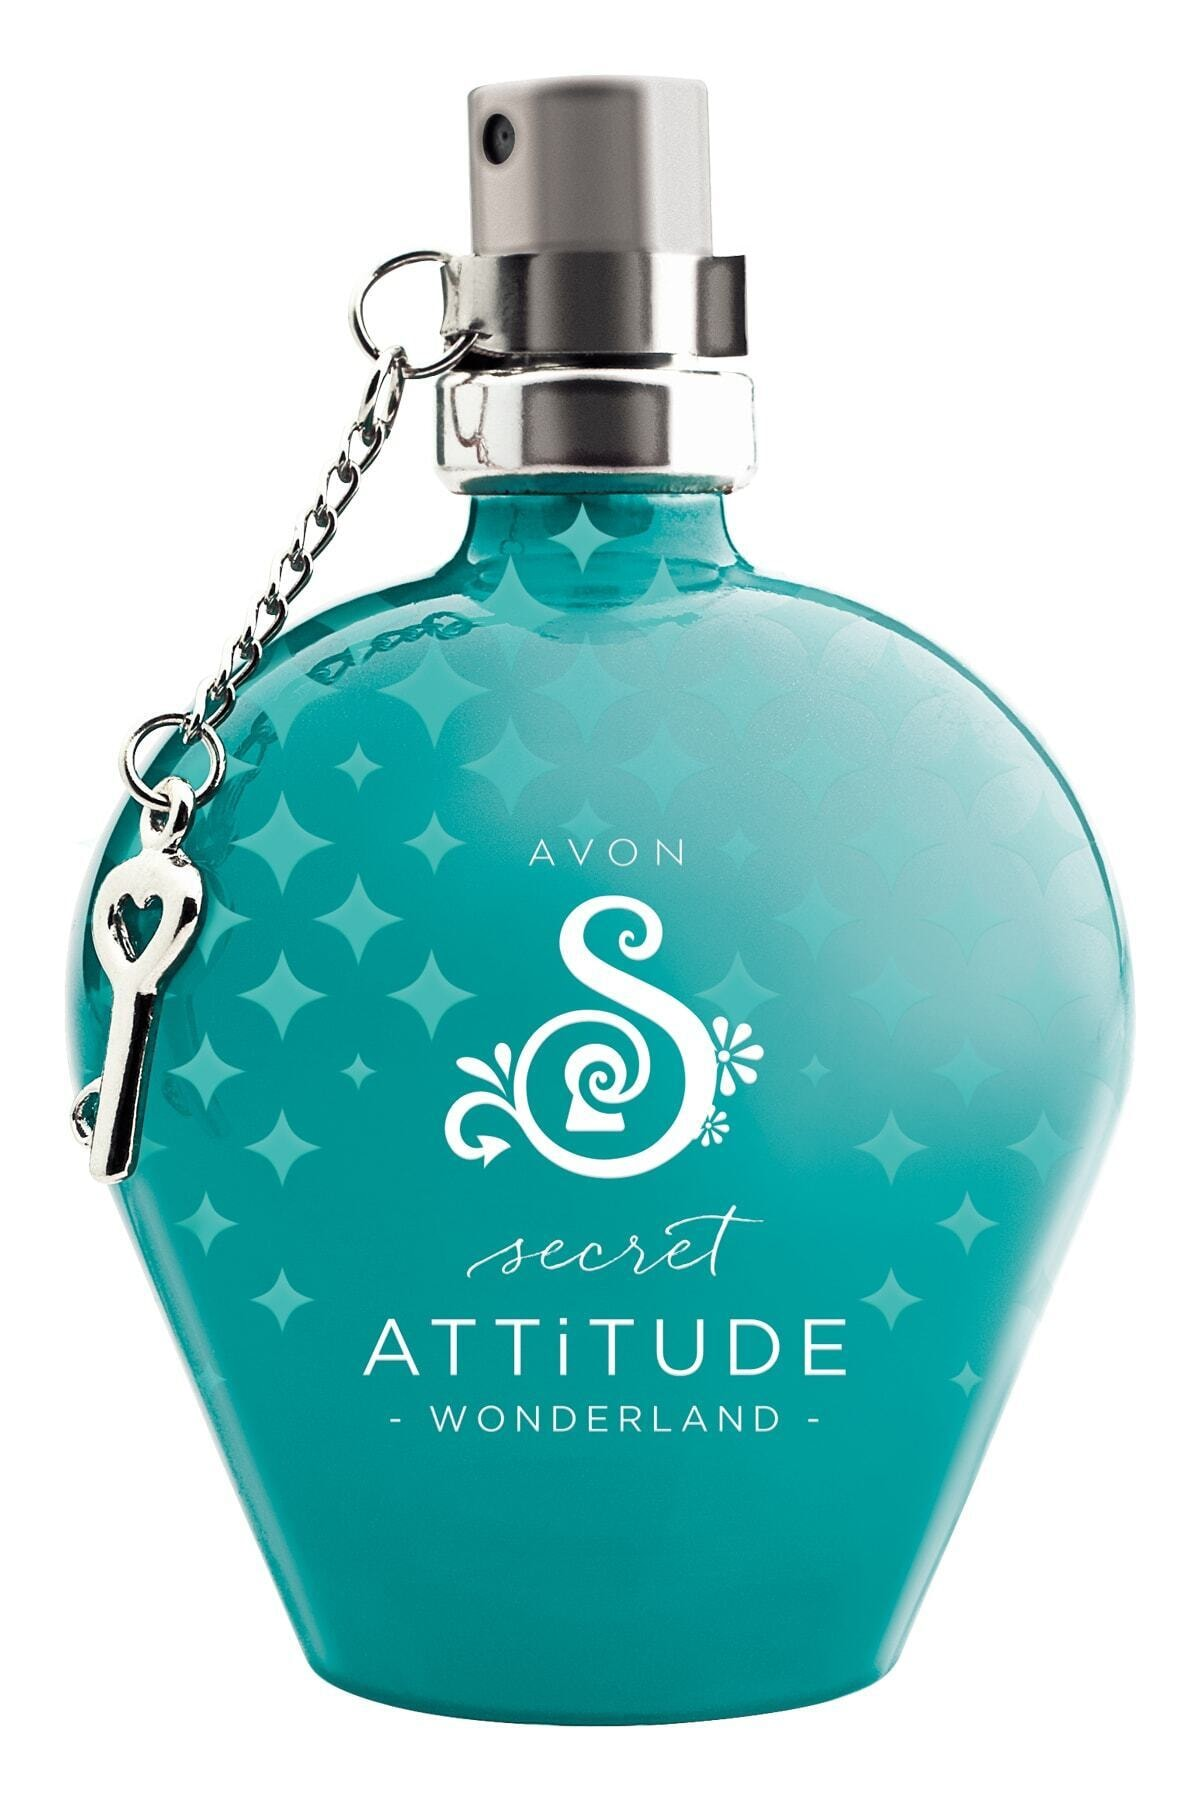 AVON Secret Attitude Wonderland Edt 50 ml Kadın Parfümü 5050136409784 1